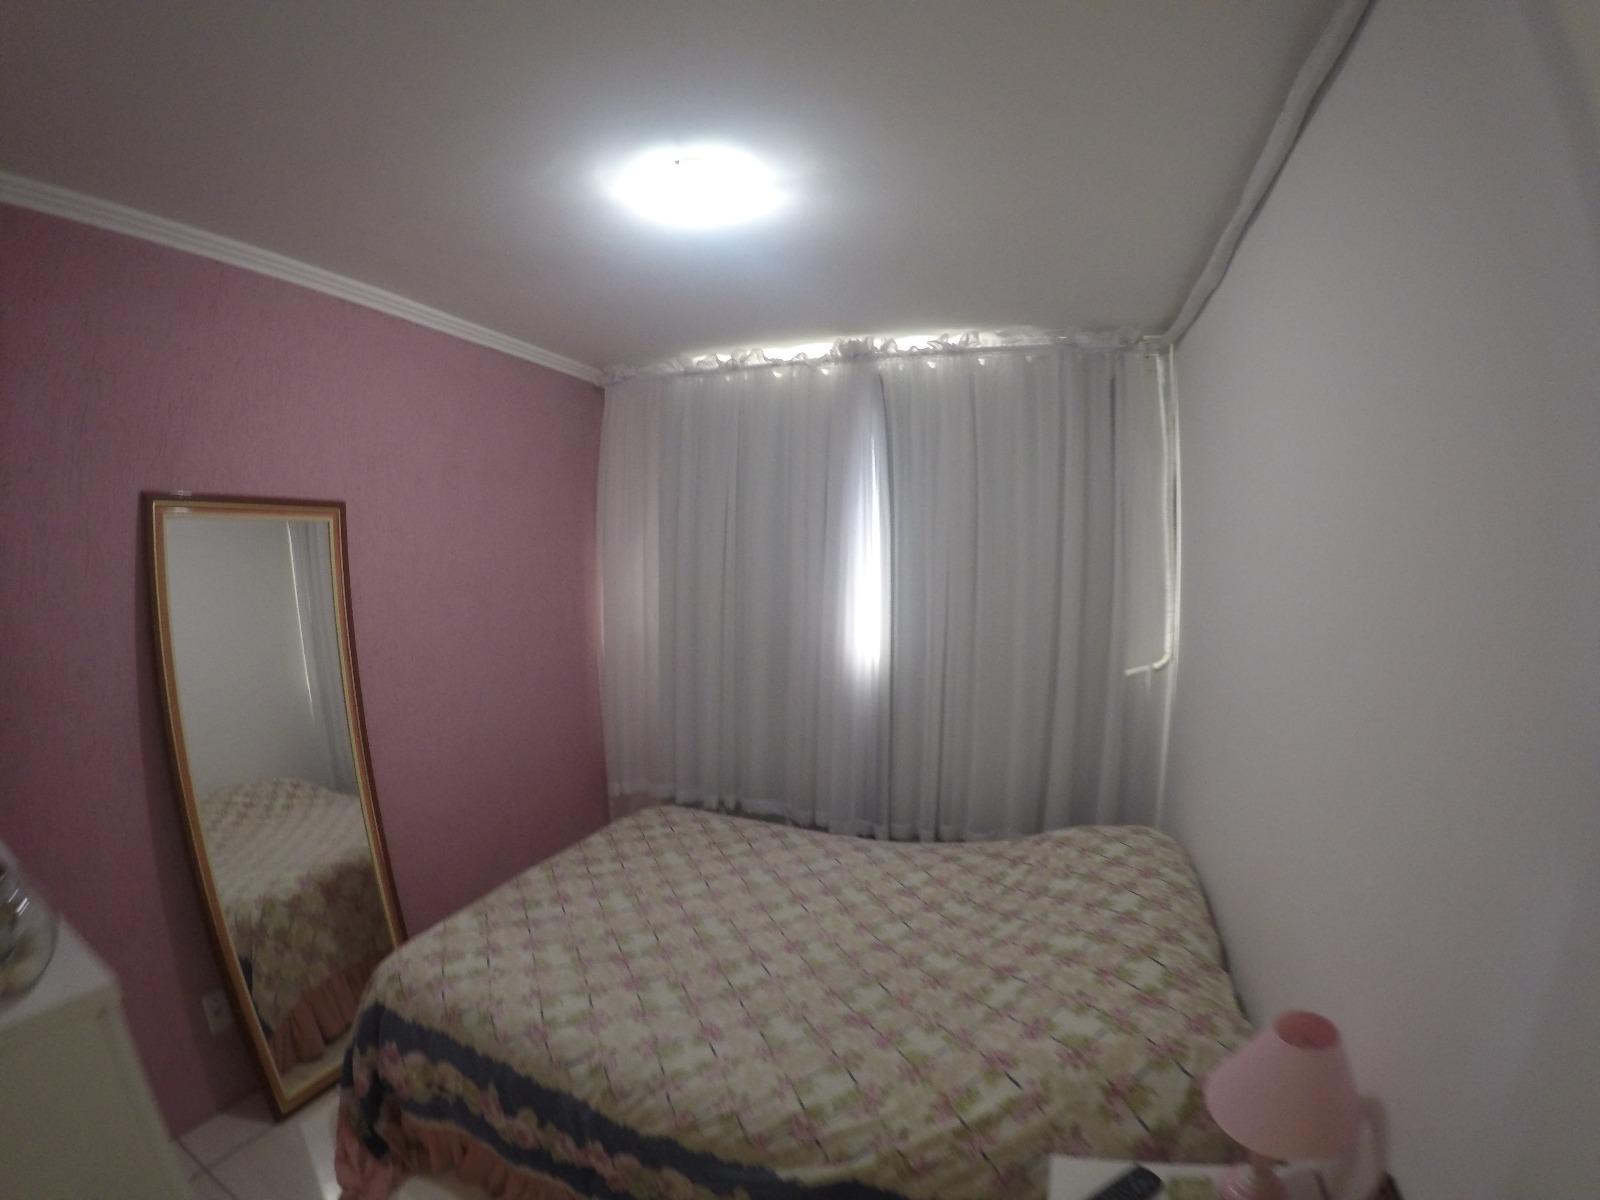 Residencial Flamboyant - Apto 2 Dorm, Mato Grande, Canoas (BD3126) - Foto 9